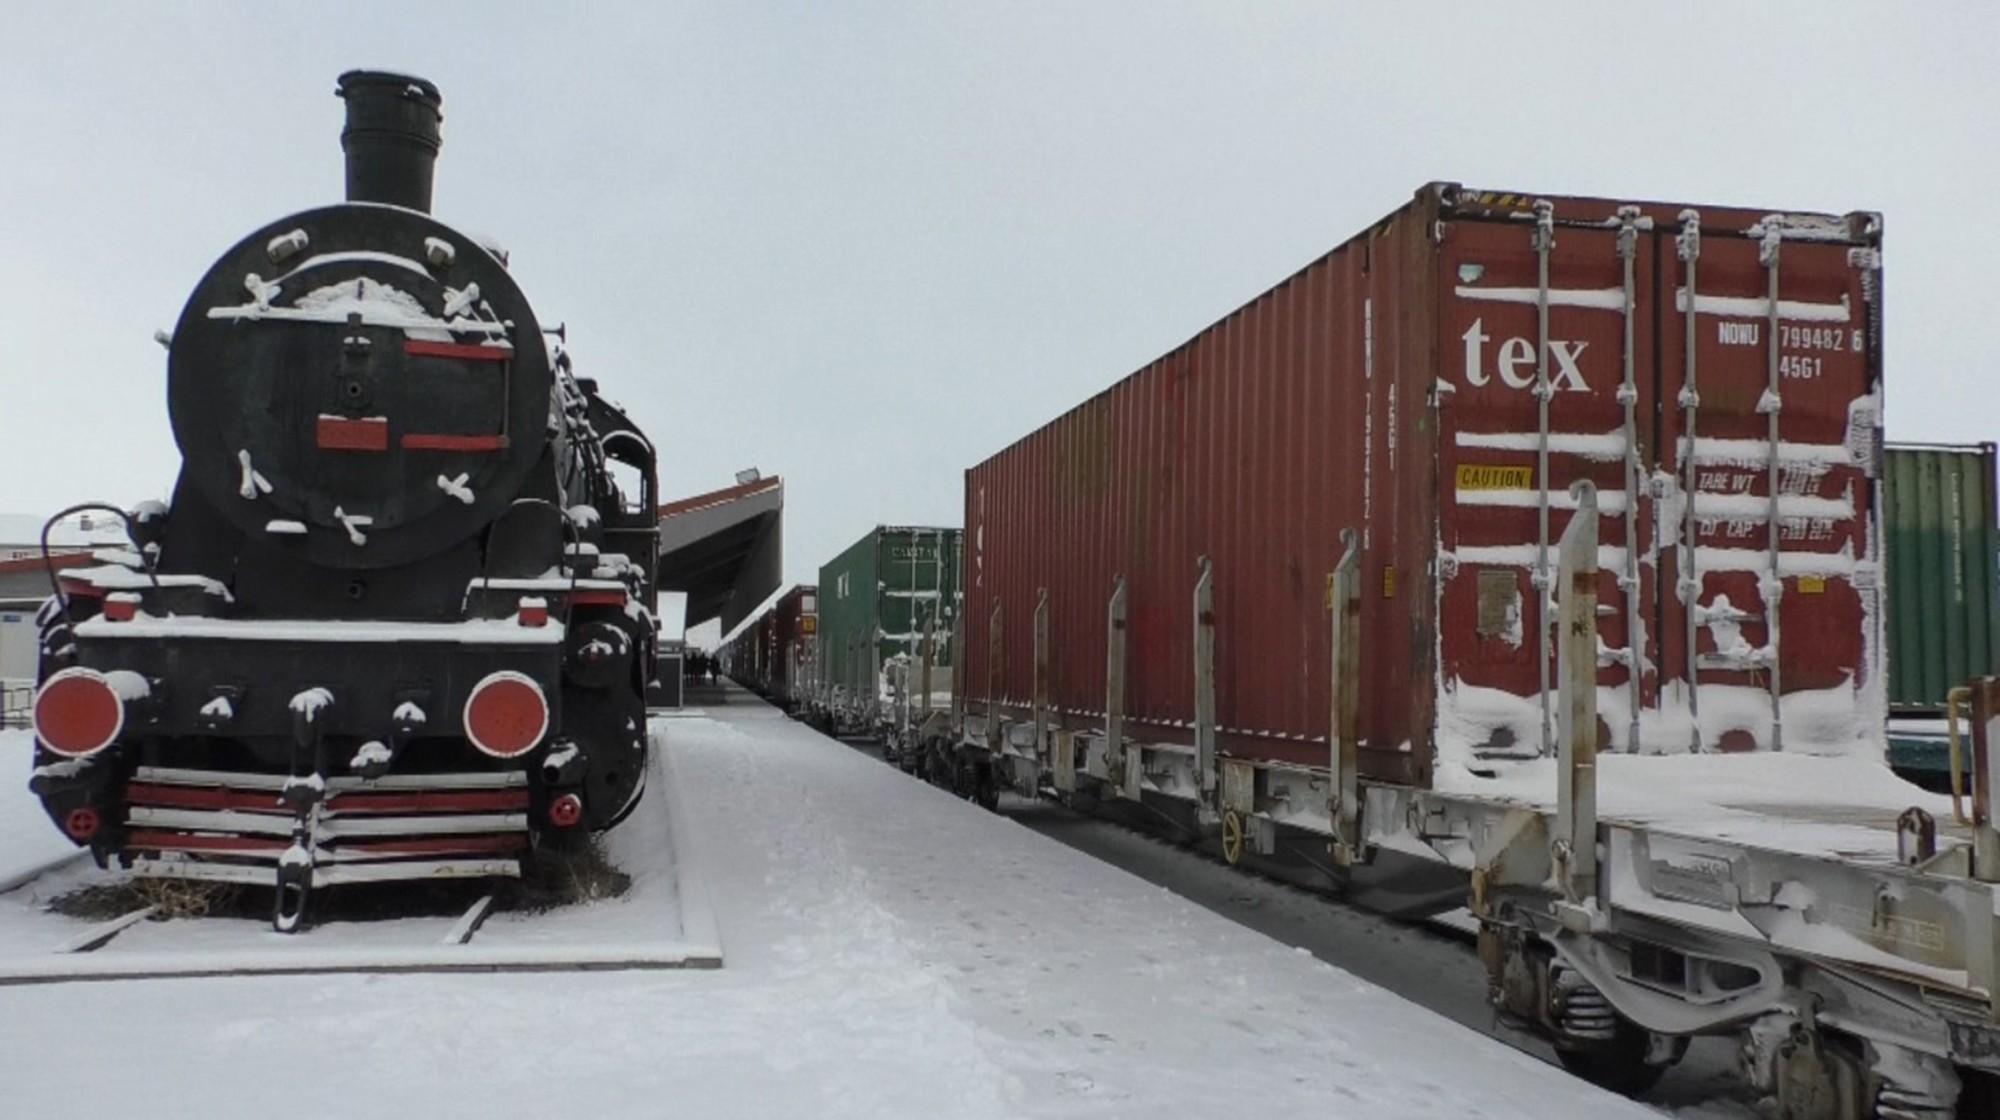 <p>Çin'e gitmek üzere Tekirdağ'dan hareket eden ikinci ihracat treni, Türkiye'nin Kafkaslara açılan kapısı olan sınır kenti Kars'a ulaştı.</p> <p></p> <p>3 gün önce Çin'e gitmek üzere yola çıkan ikinci ihracat treni, 42 vagon-konteyner içinde bin 400 buzdolabı yüküyle saat 10.20'de Kars Tren Garı'na ulaştı. İhracat treni, gümrük işlemlerinin ardından</p> <p></p> <p>Gürcistan'a hareket edecek. Gürcistan Ahılkelek İstasyonu üzerinden yurt dışına çıkış yapacak olan tren, sırasıyla Gürcistan, Azerbaycan, Hazar Denizi geçişi, Kazakistan'ın ardından Çin'in Xi'an şehrinde olacak. İkinci ihracat treni, toplam 8 bin 693 kilometre yol katedecek.</p>